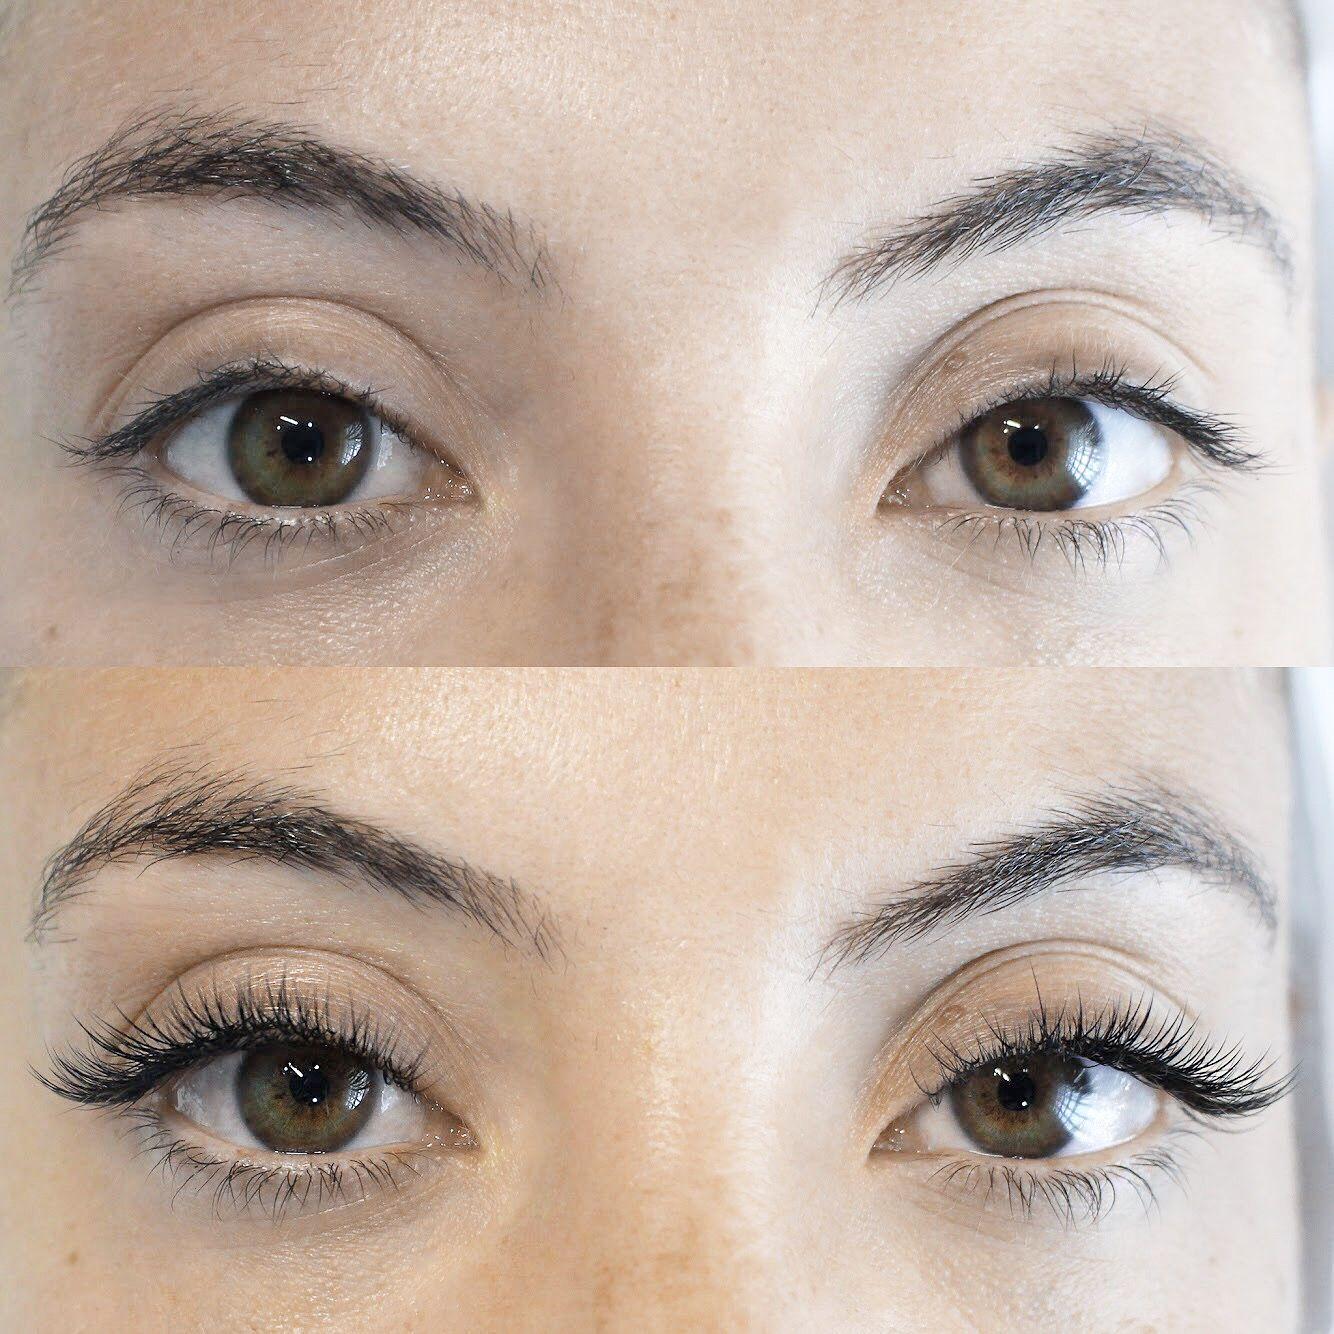 54f0b1b92bc Plush Mixed Volume Eyelash Extensions in B curls using SugarlashPro Silk  Lashes. The Beauty Corner